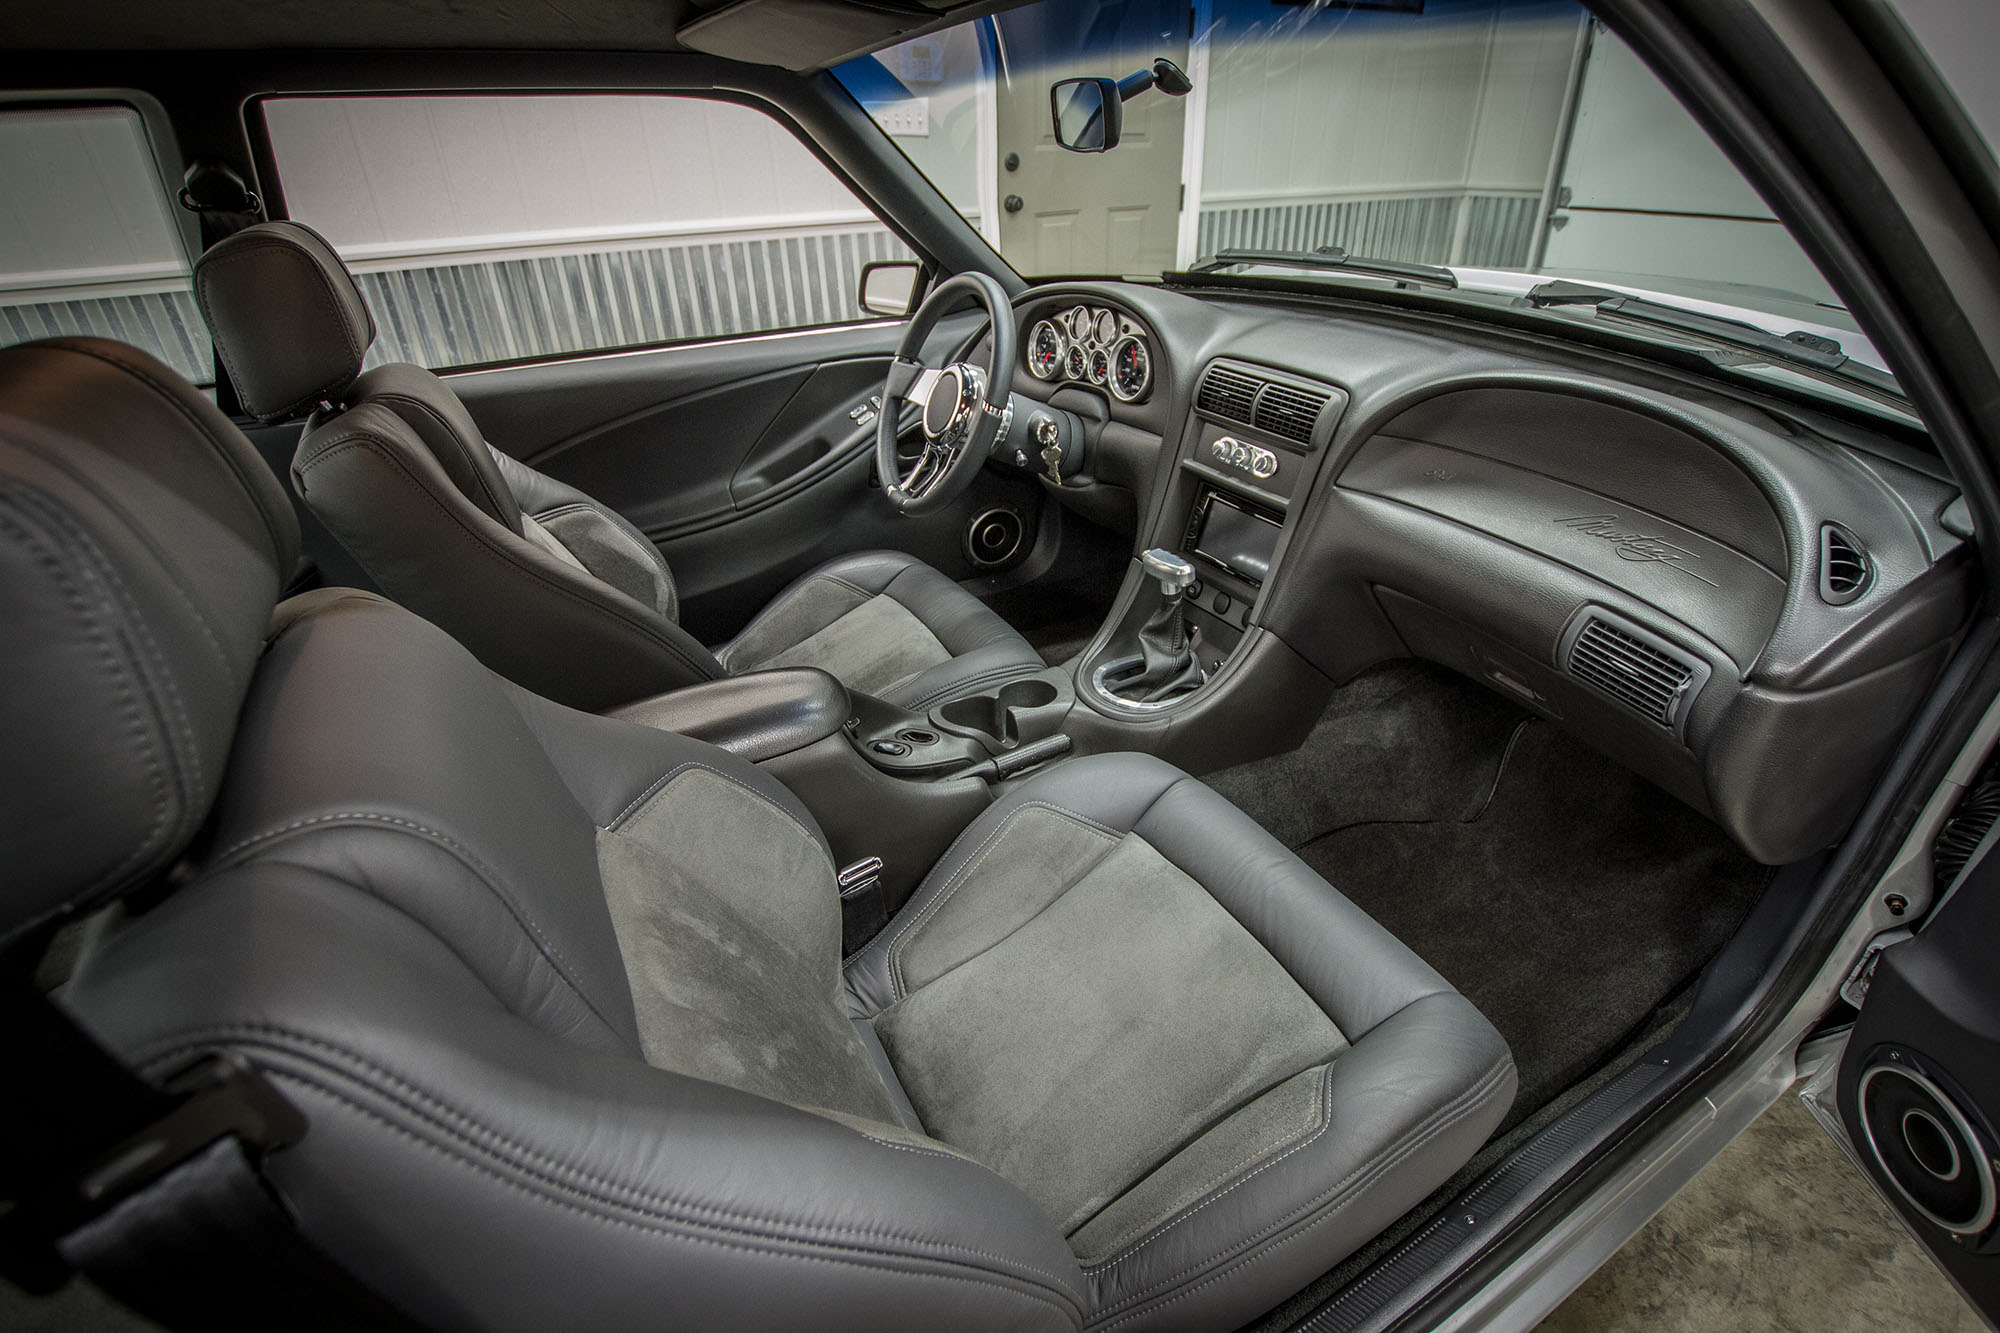 1991 Notchback Mustang interior